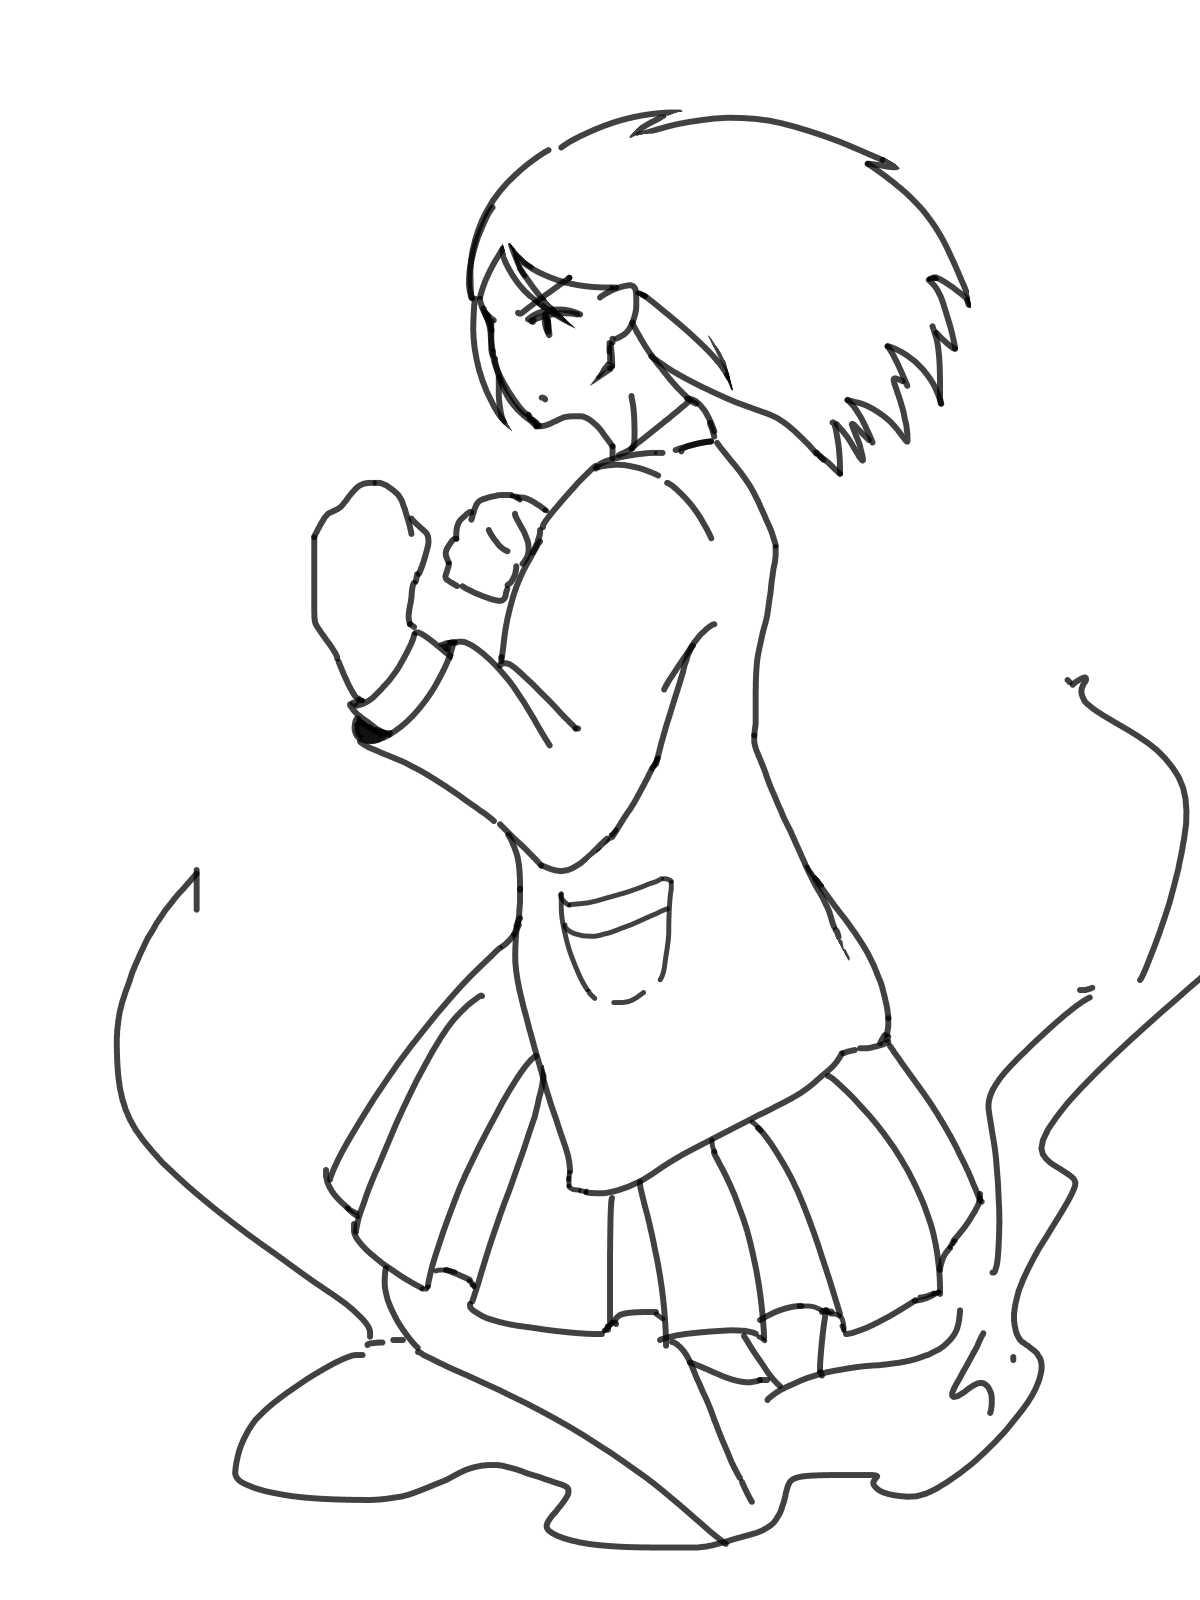 12_09_01_中二っぽい魔法少女_02